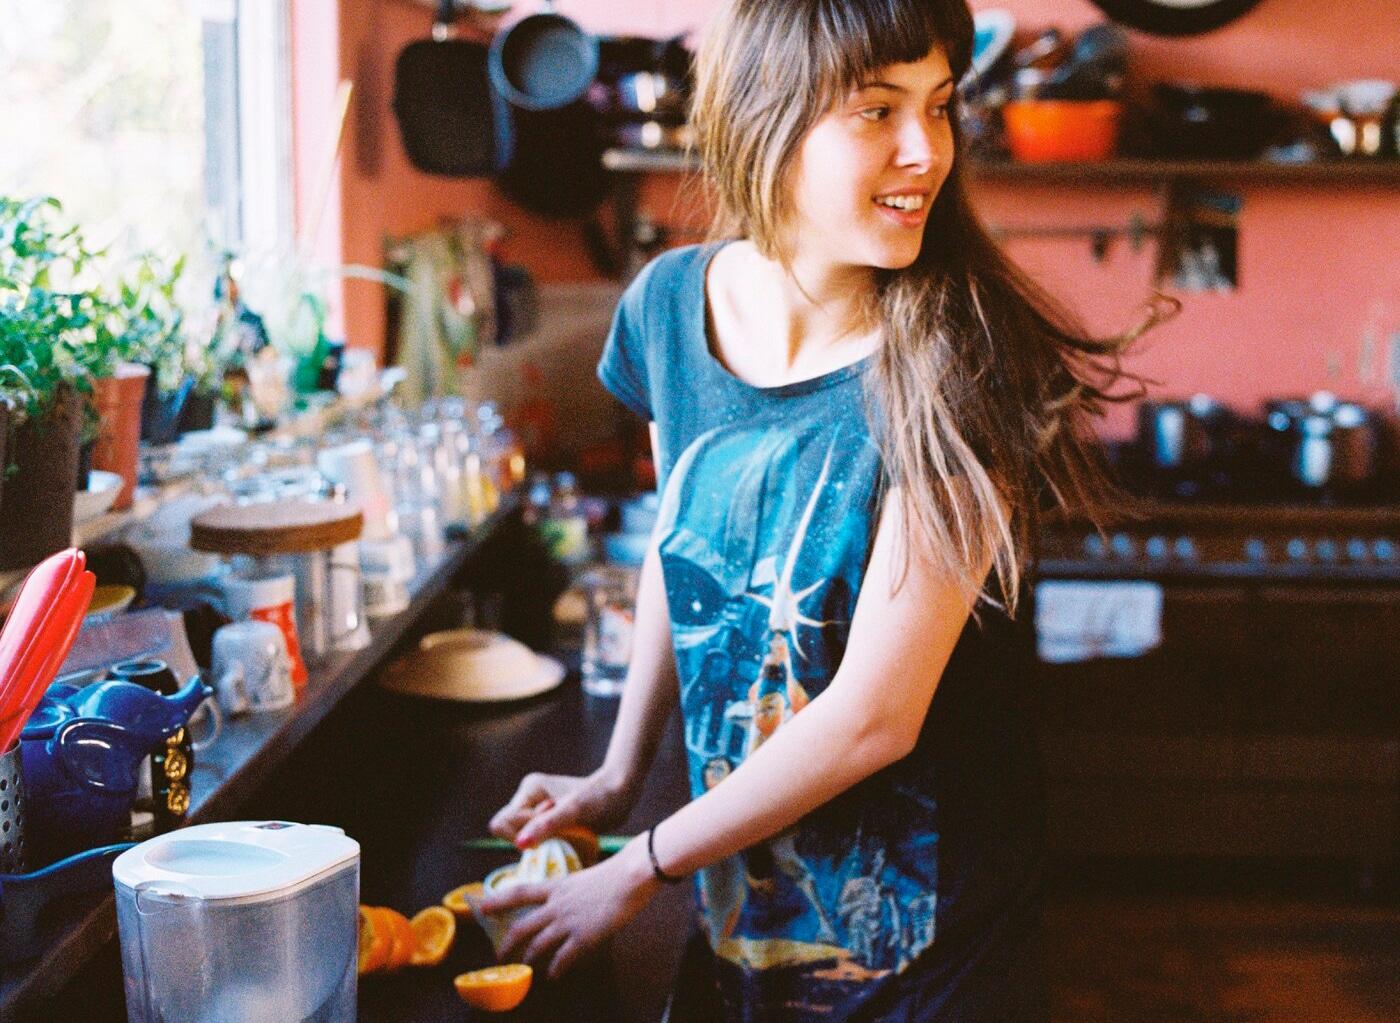 امرأة شابة تستدير للنظر نحو شخص بينما تقوم بغسل وتقطيع الفاكهة في حوض المطبخ.